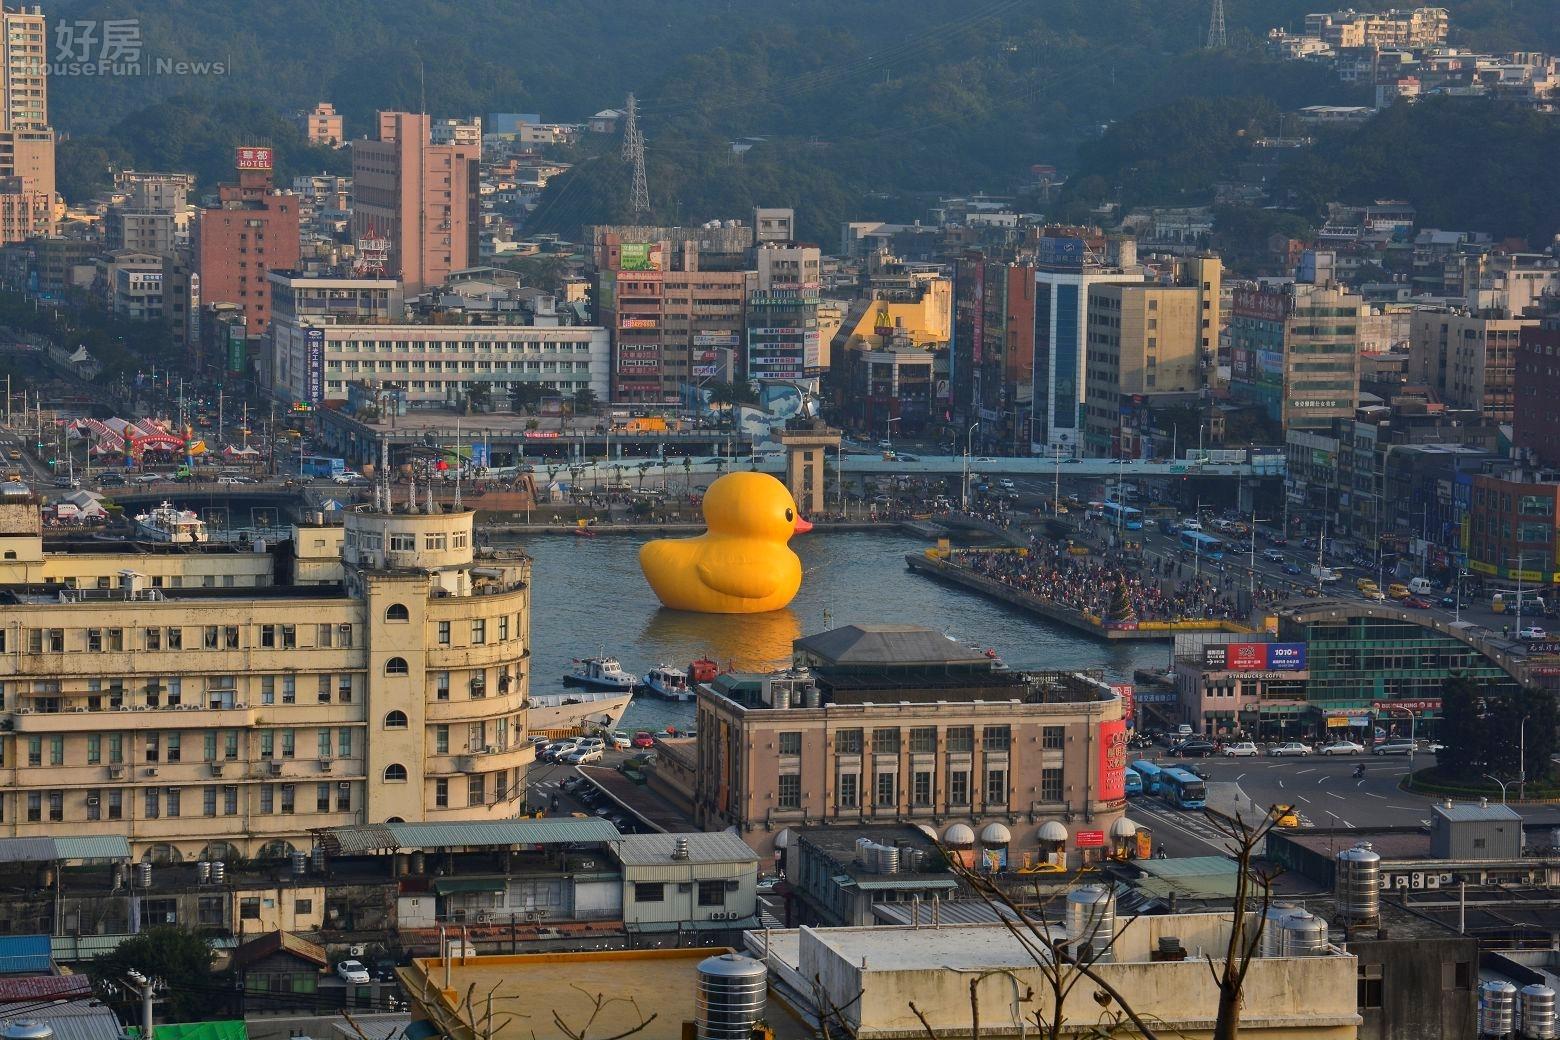 基隆黃色小鴨帶來大量觀光人潮,山景宅、水岸宅、海岸宅。(好房News記者 陳韋帆/攝影)